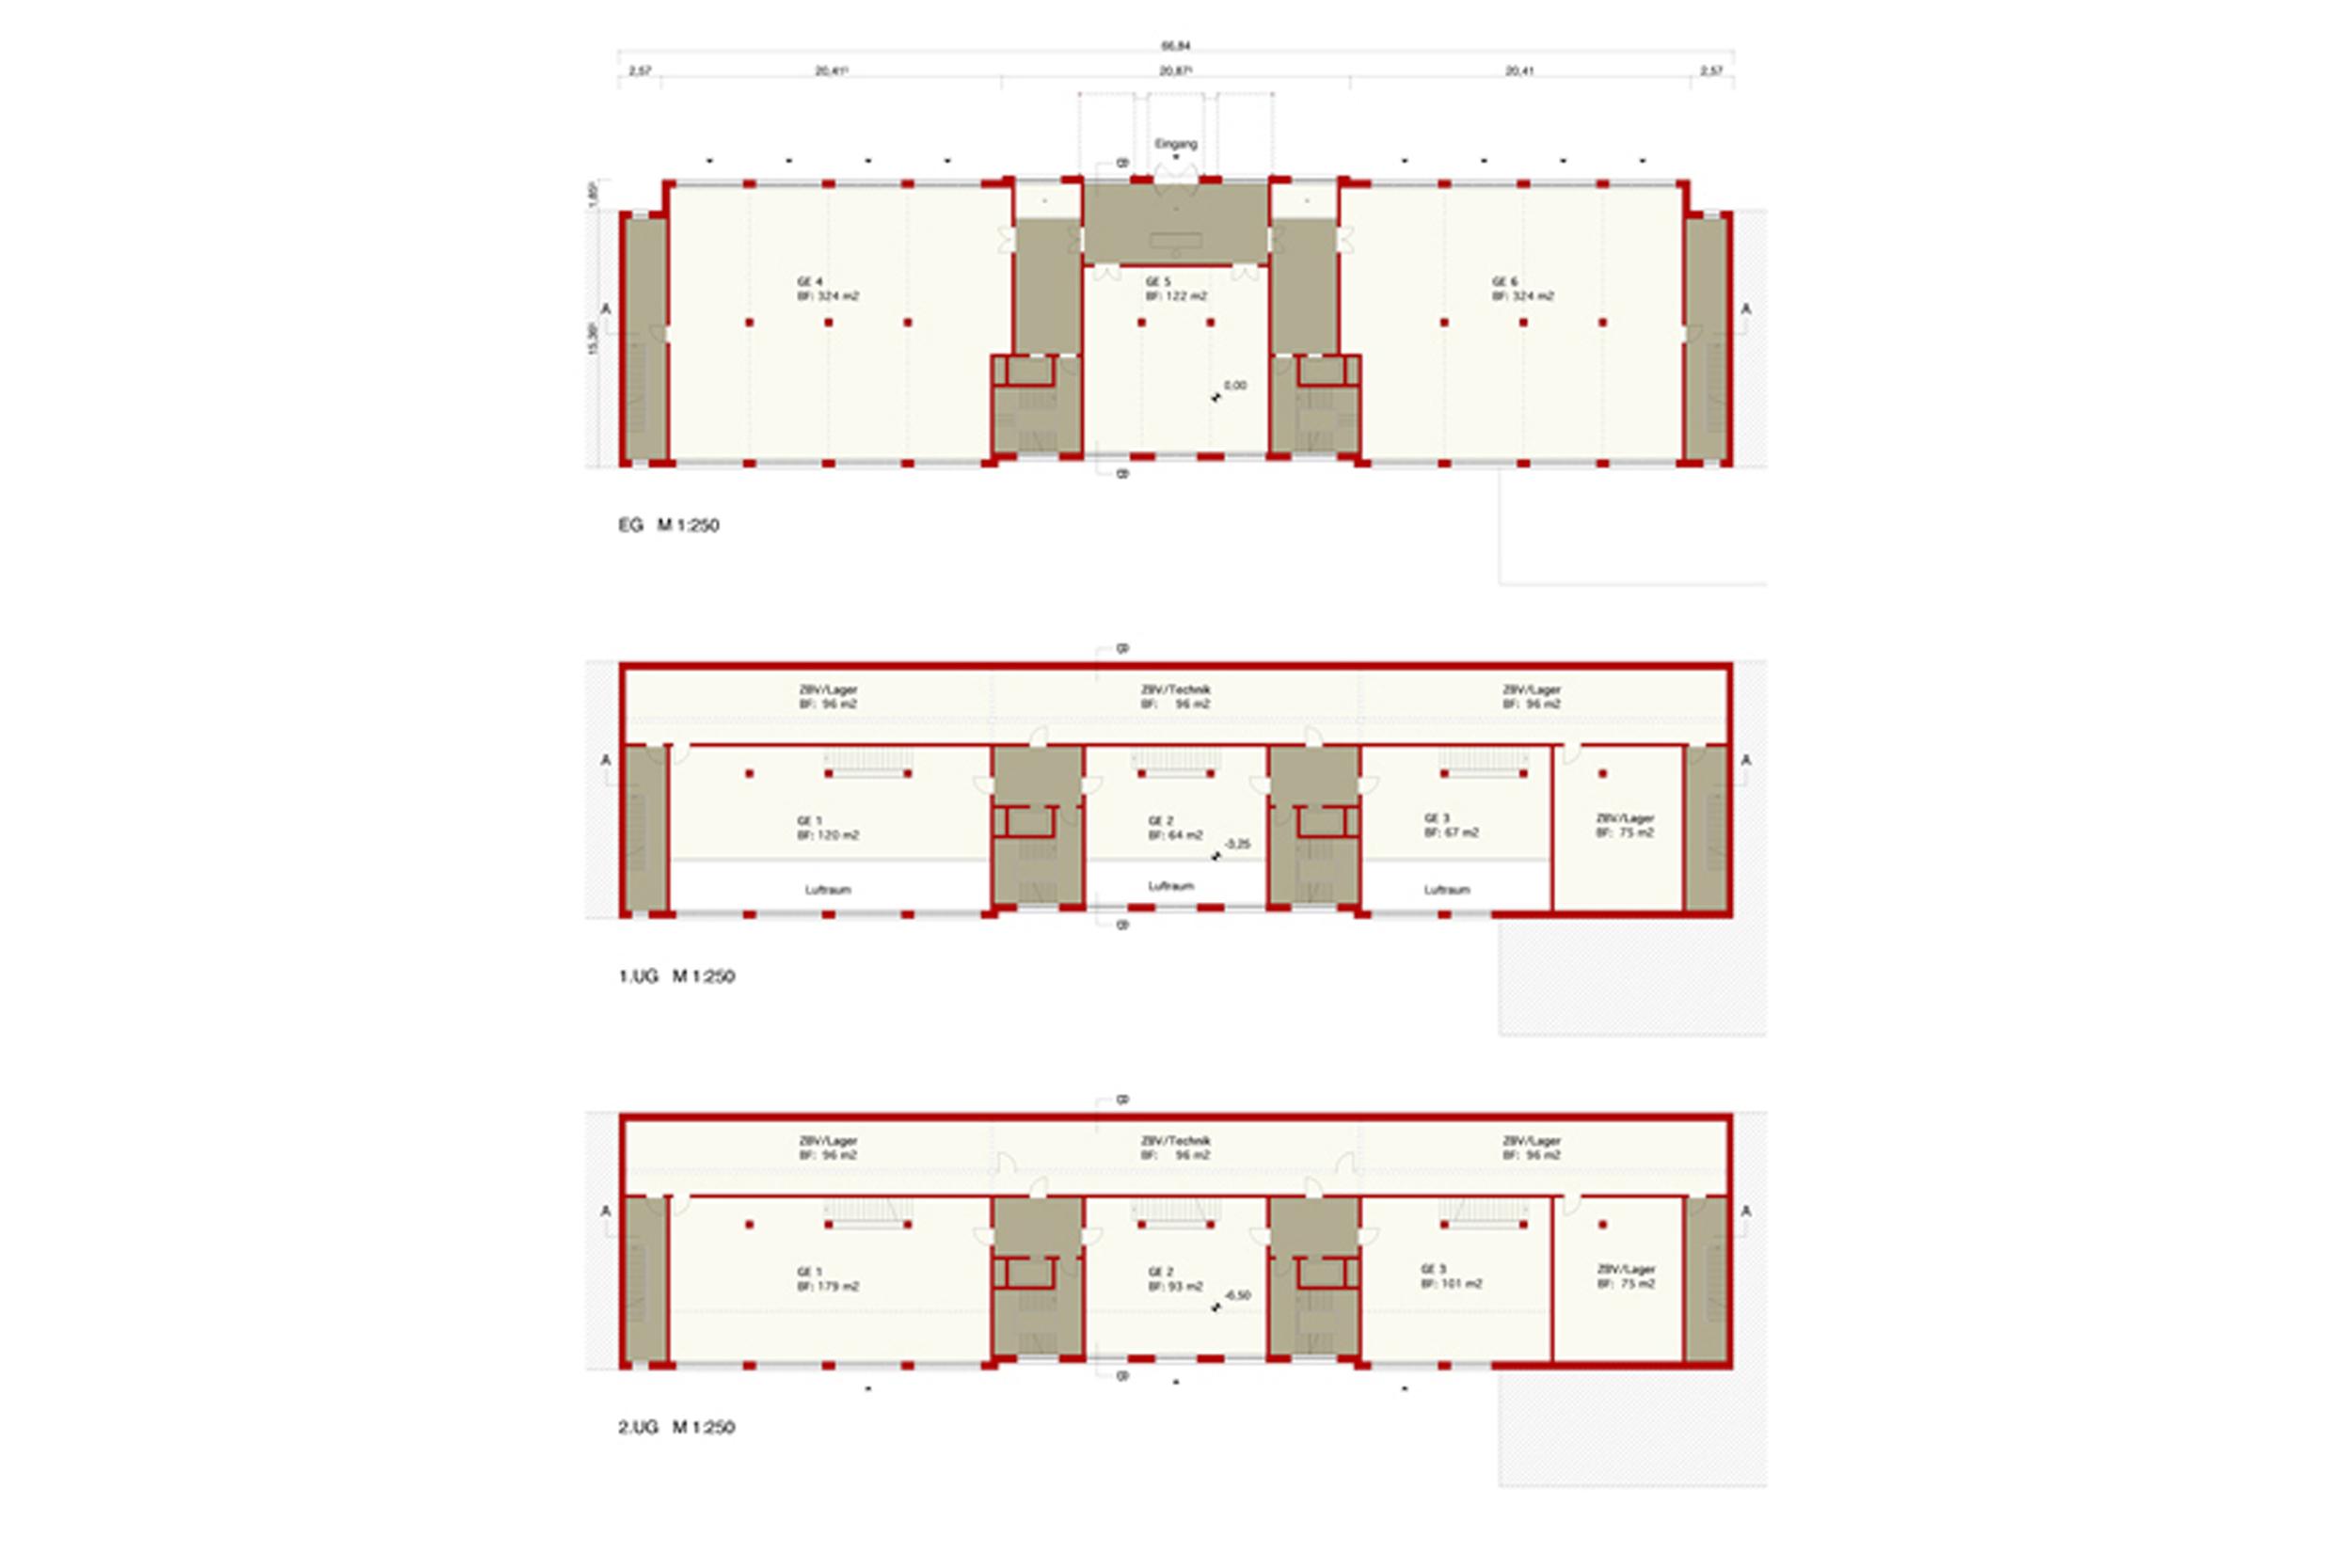 TIVOLILOFTS - Neubau eines Geschäftshauses mit modernen Bürolofts. Die repräsentative Lobby hat die Qualität einer Hotelhalle.